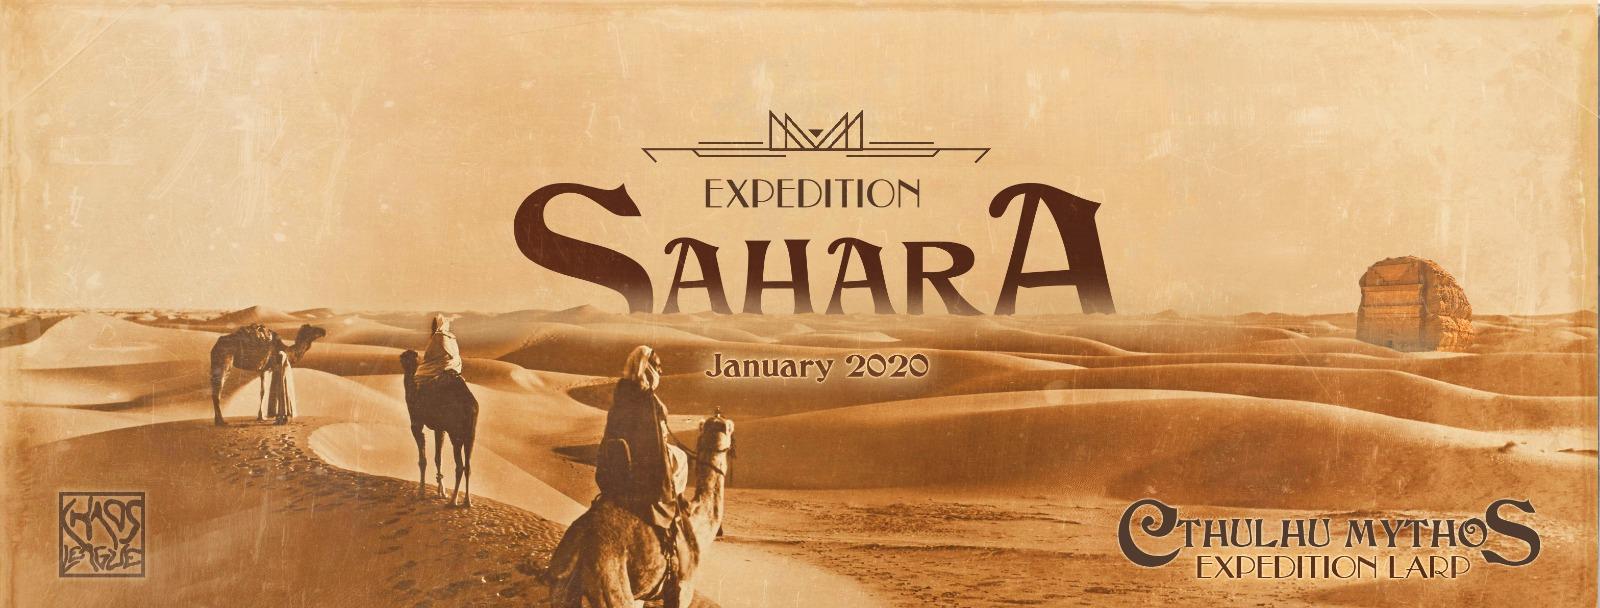 Larp – Sahara Expedition